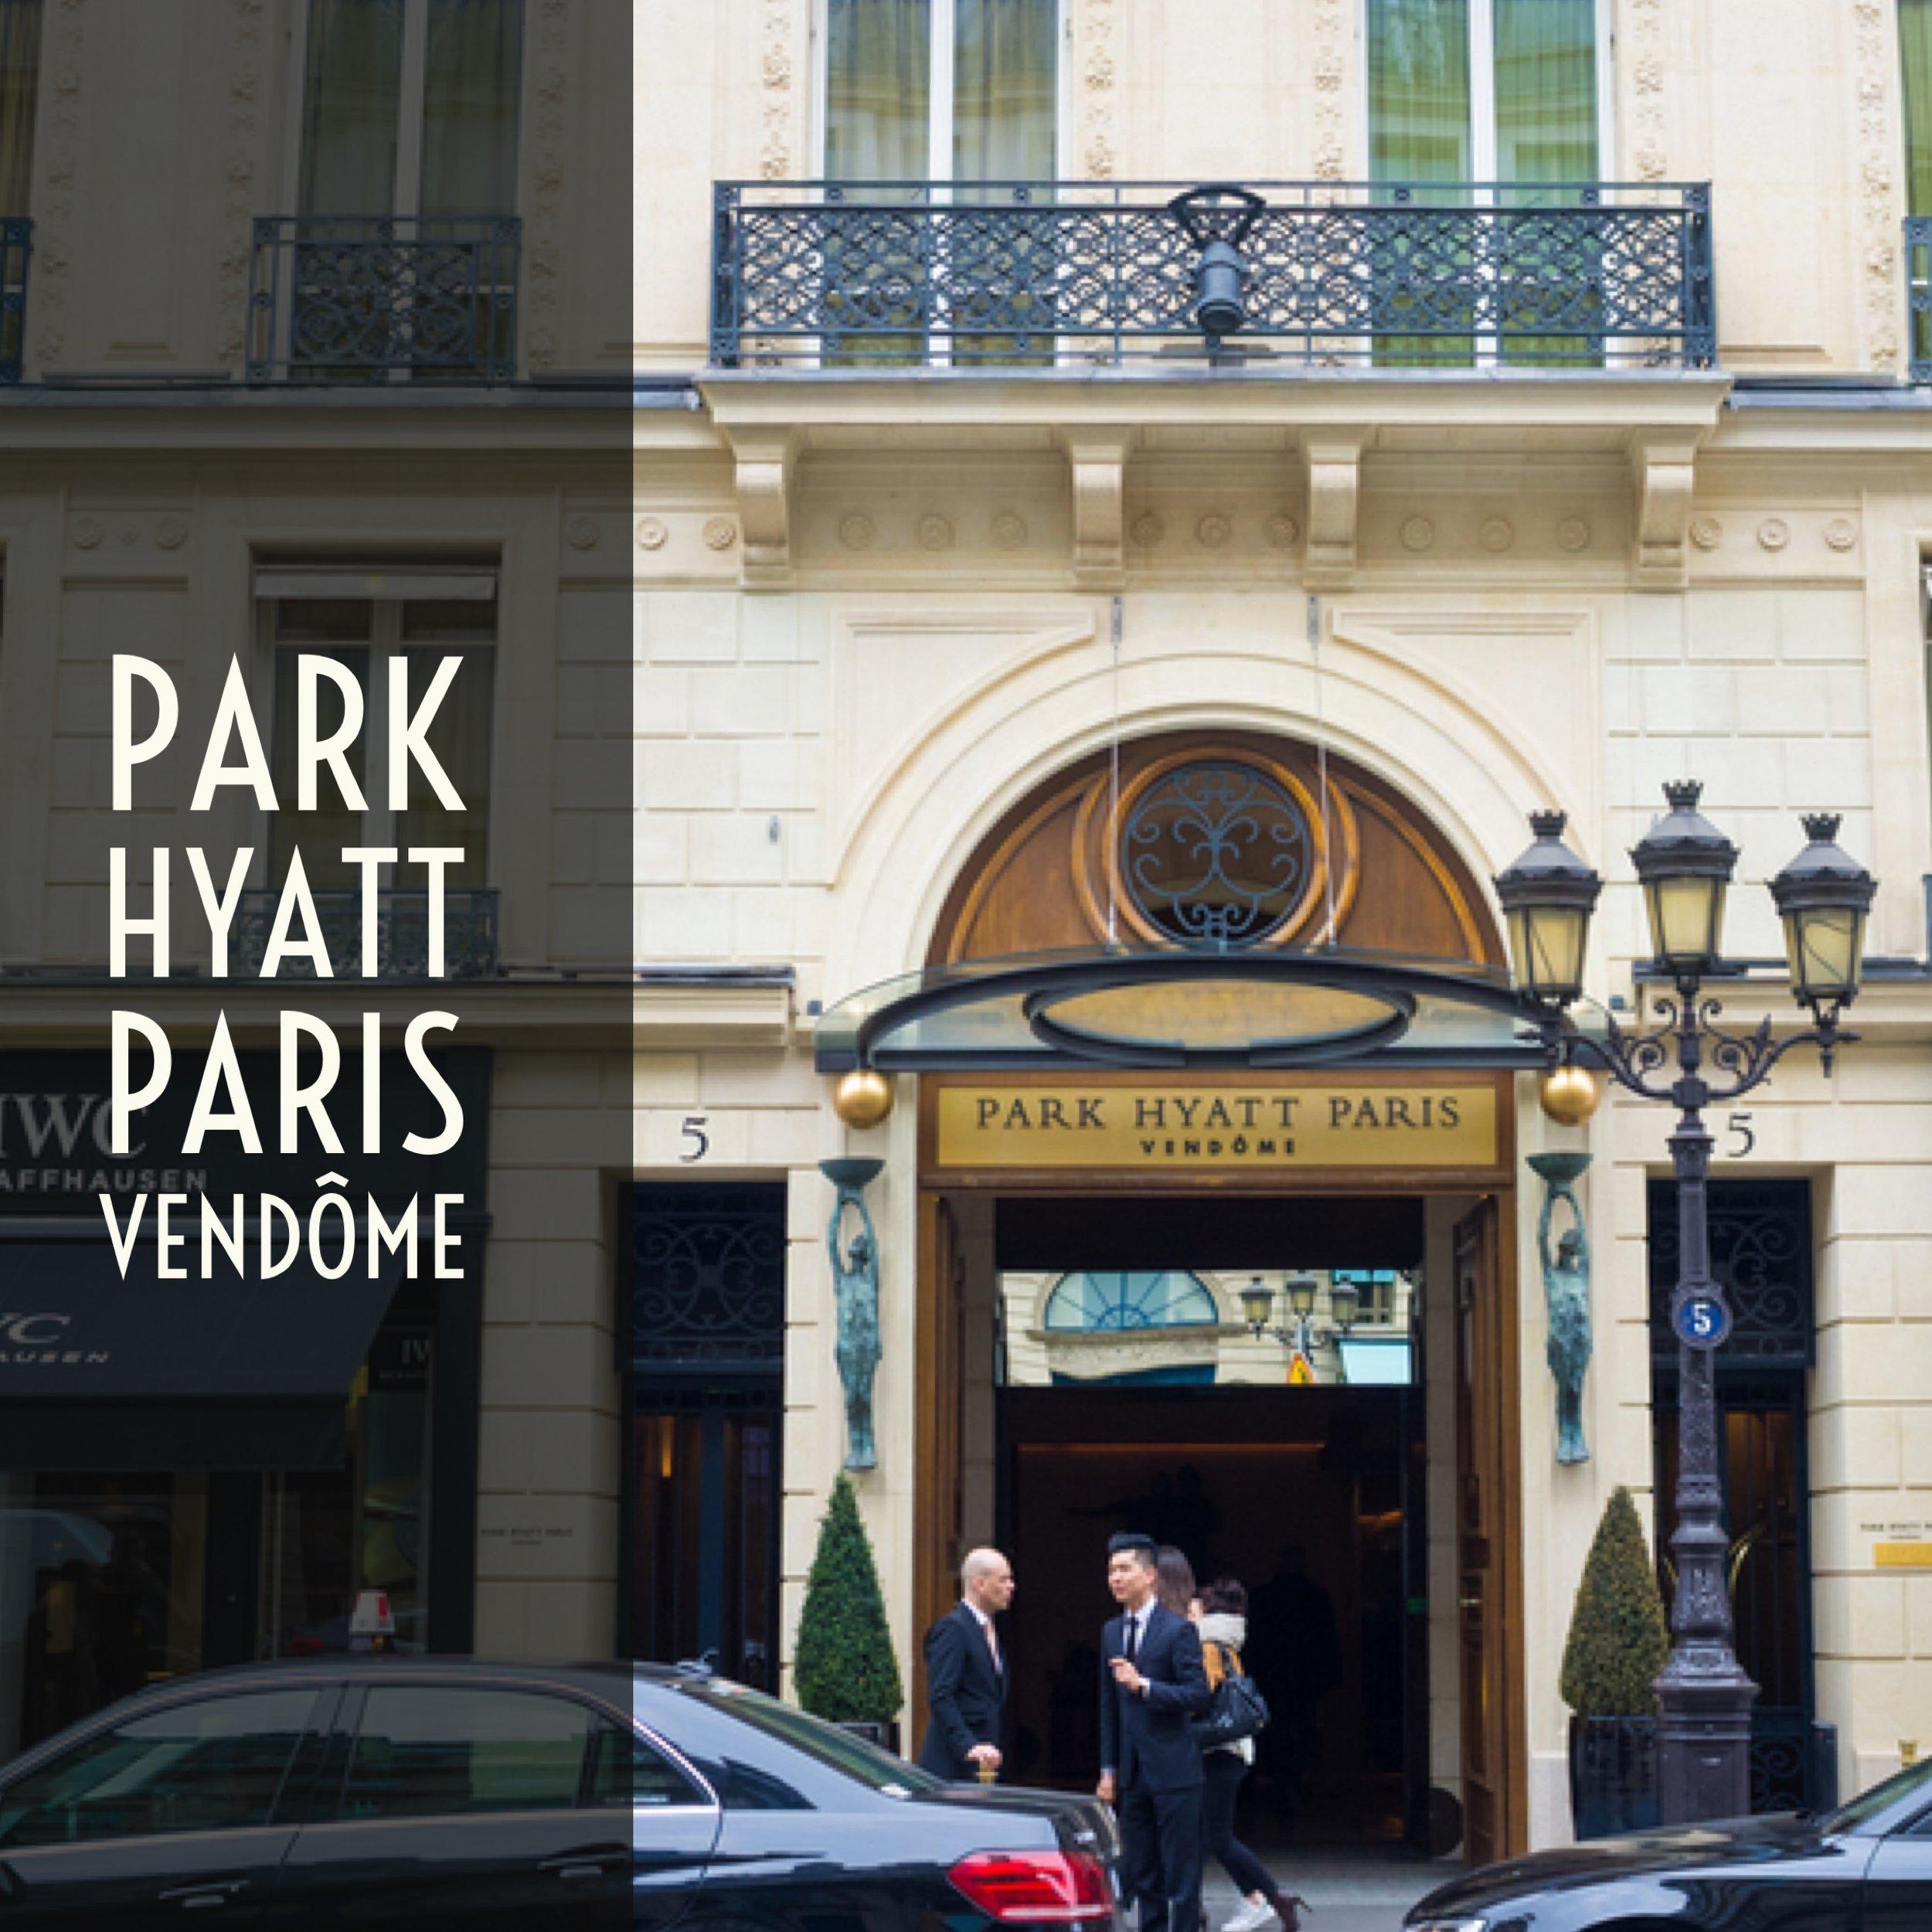 Park Hyatt Paris-vend Luxury Stay In Paris